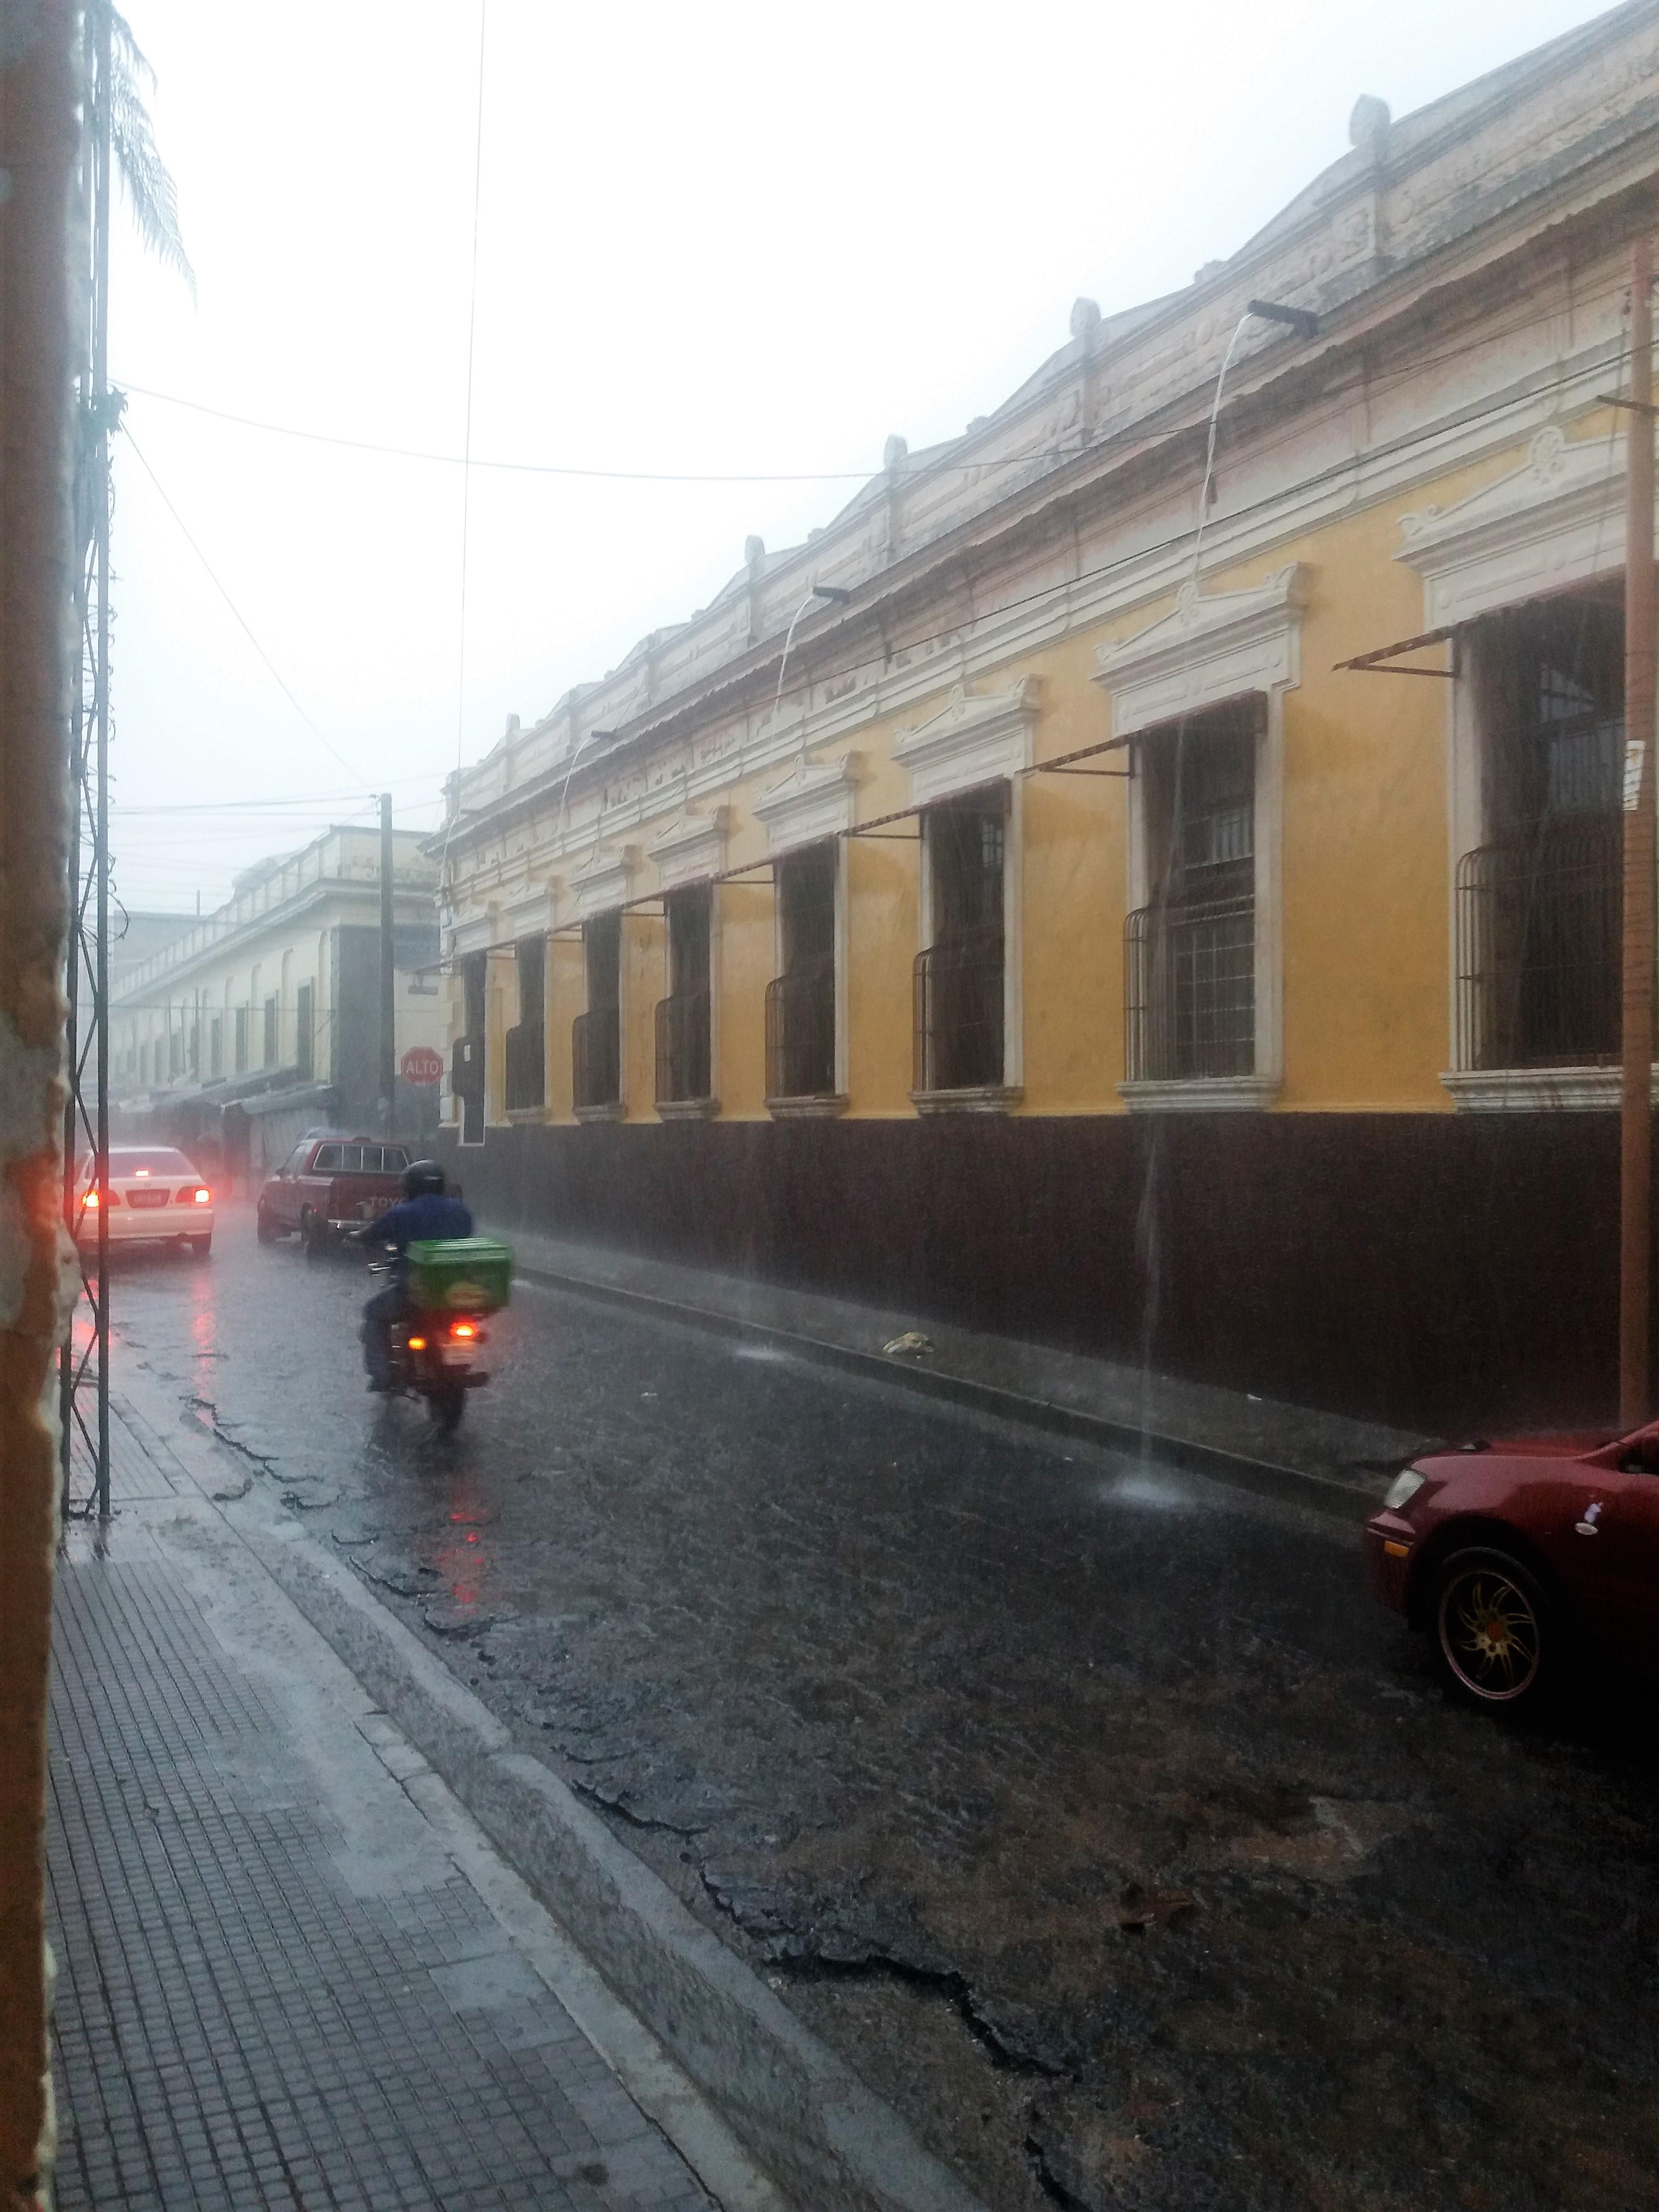 Protección Civil emite advertencia a nivel nacional debido por lluvias